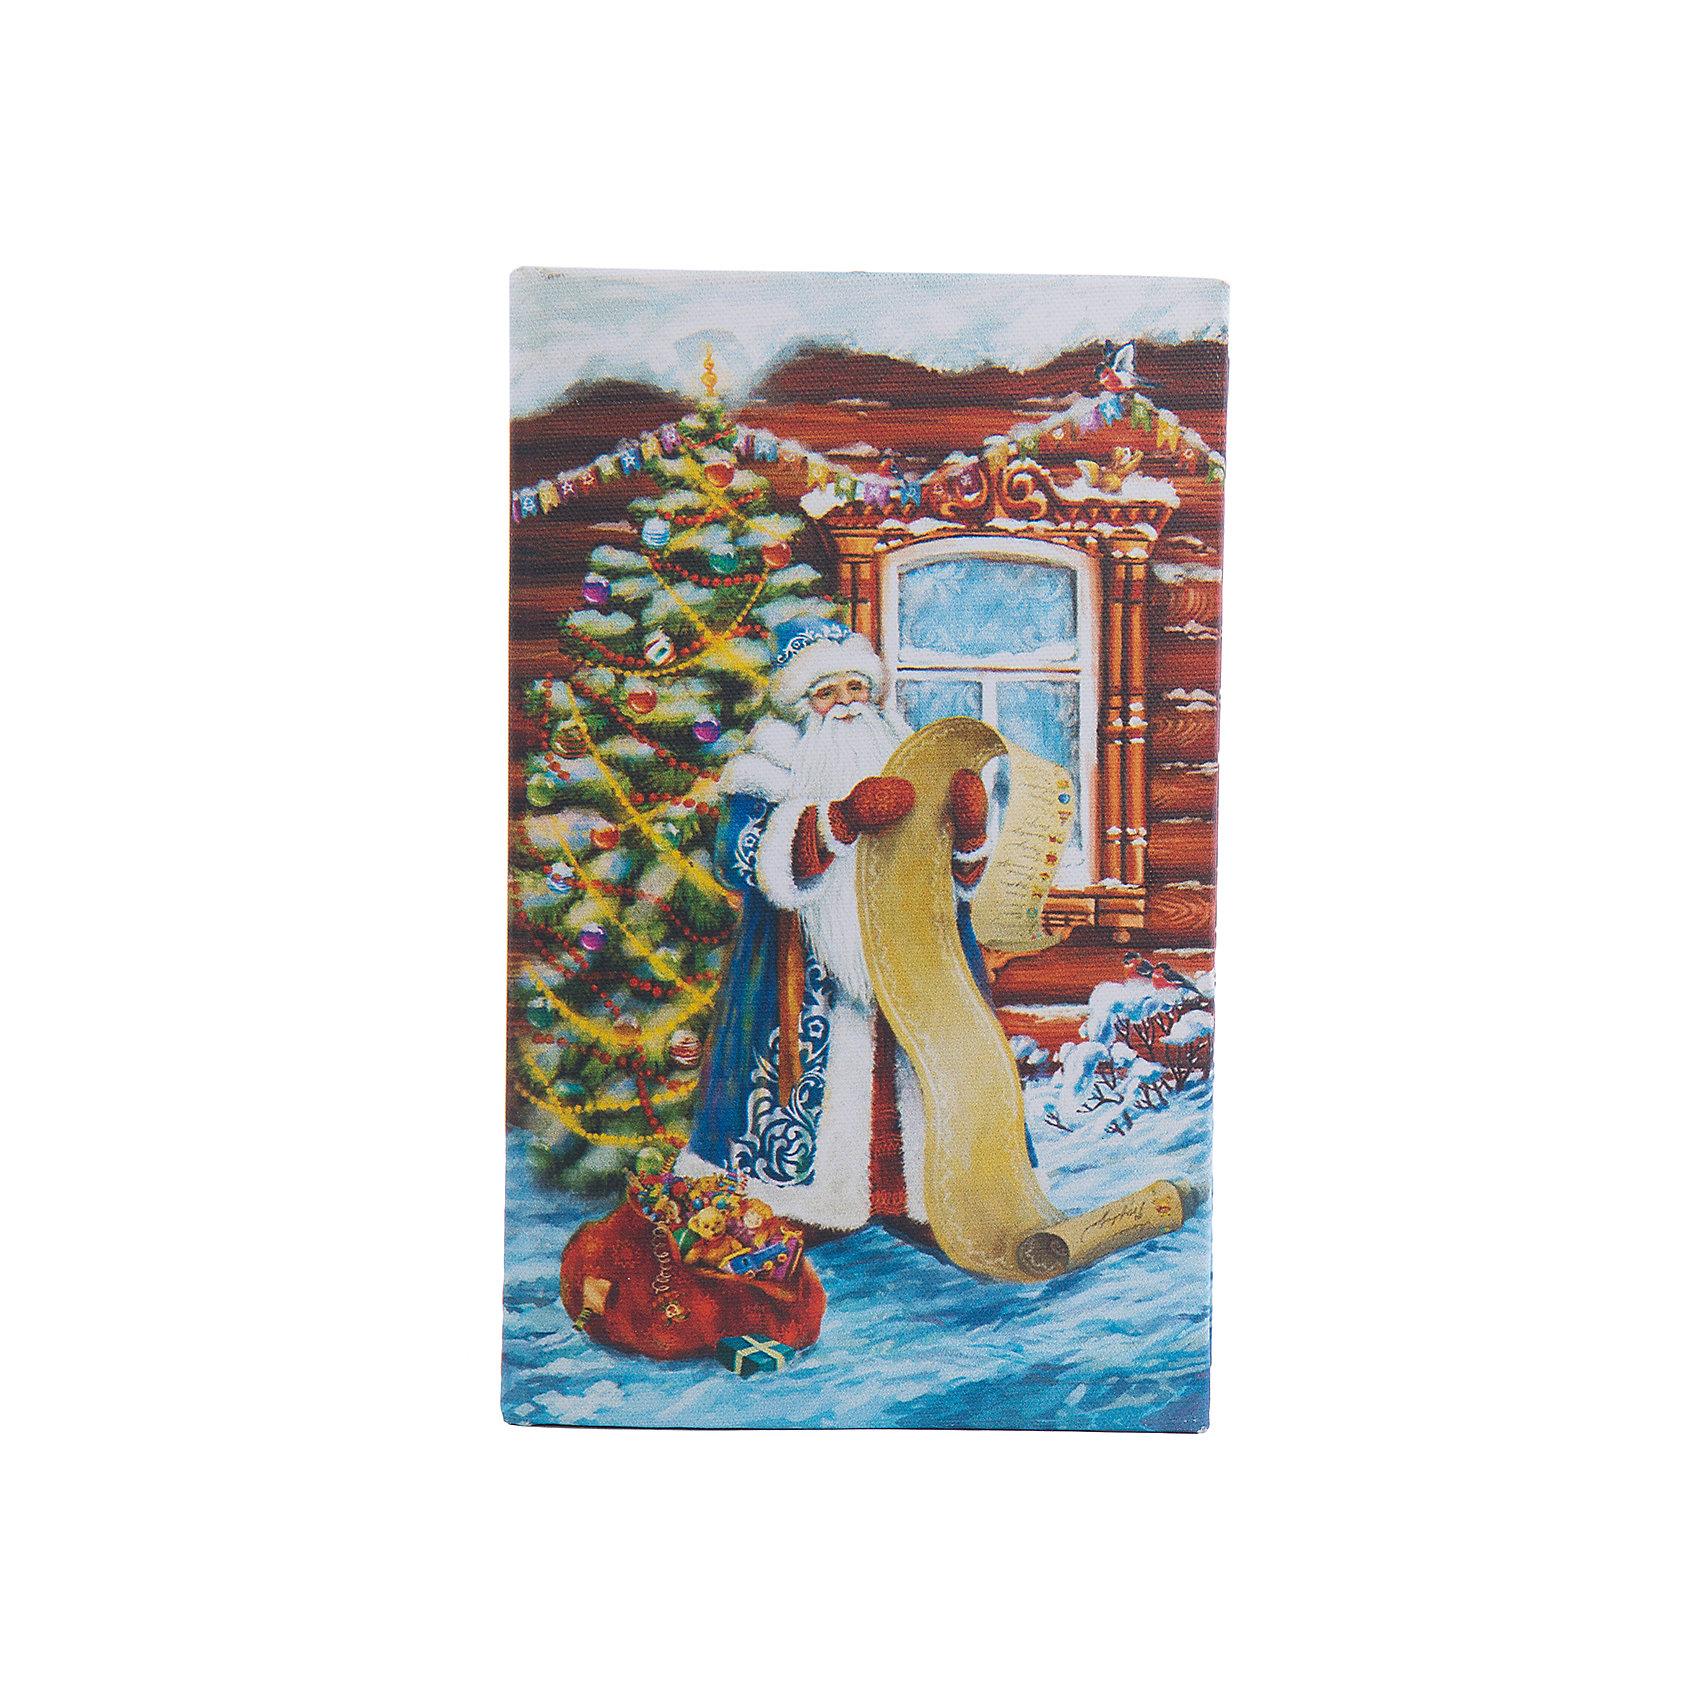 Шкатулка Дед Мороз со спискомНовинки Новый Год<br>Шкатулка Дед Мороз со списком, Феникс-Презент, замечательно украсит Ваш новогодний интерьер и станет приятным сувениром для родных и друзей. Оригинальная шкатулка выполнена в форме книги и украшена красочным изображением Деда Мороза со списком подарков на фоне новогодней елки, закрывается на магнит. Симпатичный сувенир порадует и взрослых и детей и прекрасно подойдет для хранения мелочей и украшений.<br><br>Дополнительная информация:<br><br>- Материал: дерево (МДФ). <br>- Размер шкатулки: 17 х 11 х 5 см.<br>- Размер упаковки: 18 x 12 x 6 см.<br>- Вес: 0,307 кг. <br><br>Шкатулку Дед Мороз со списком, Феникс-Презент, можно купить в нашем интернет-магазине.<br><br>Ширина мм: 60<br>Глубина мм: 120<br>Высота мм: 180<br>Вес г: 307<br>Возраст от месяцев: 36<br>Возраст до месяцев: 2147483647<br>Пол: Унисекс<br>Возраст: Детский<br>SKU: 4276552